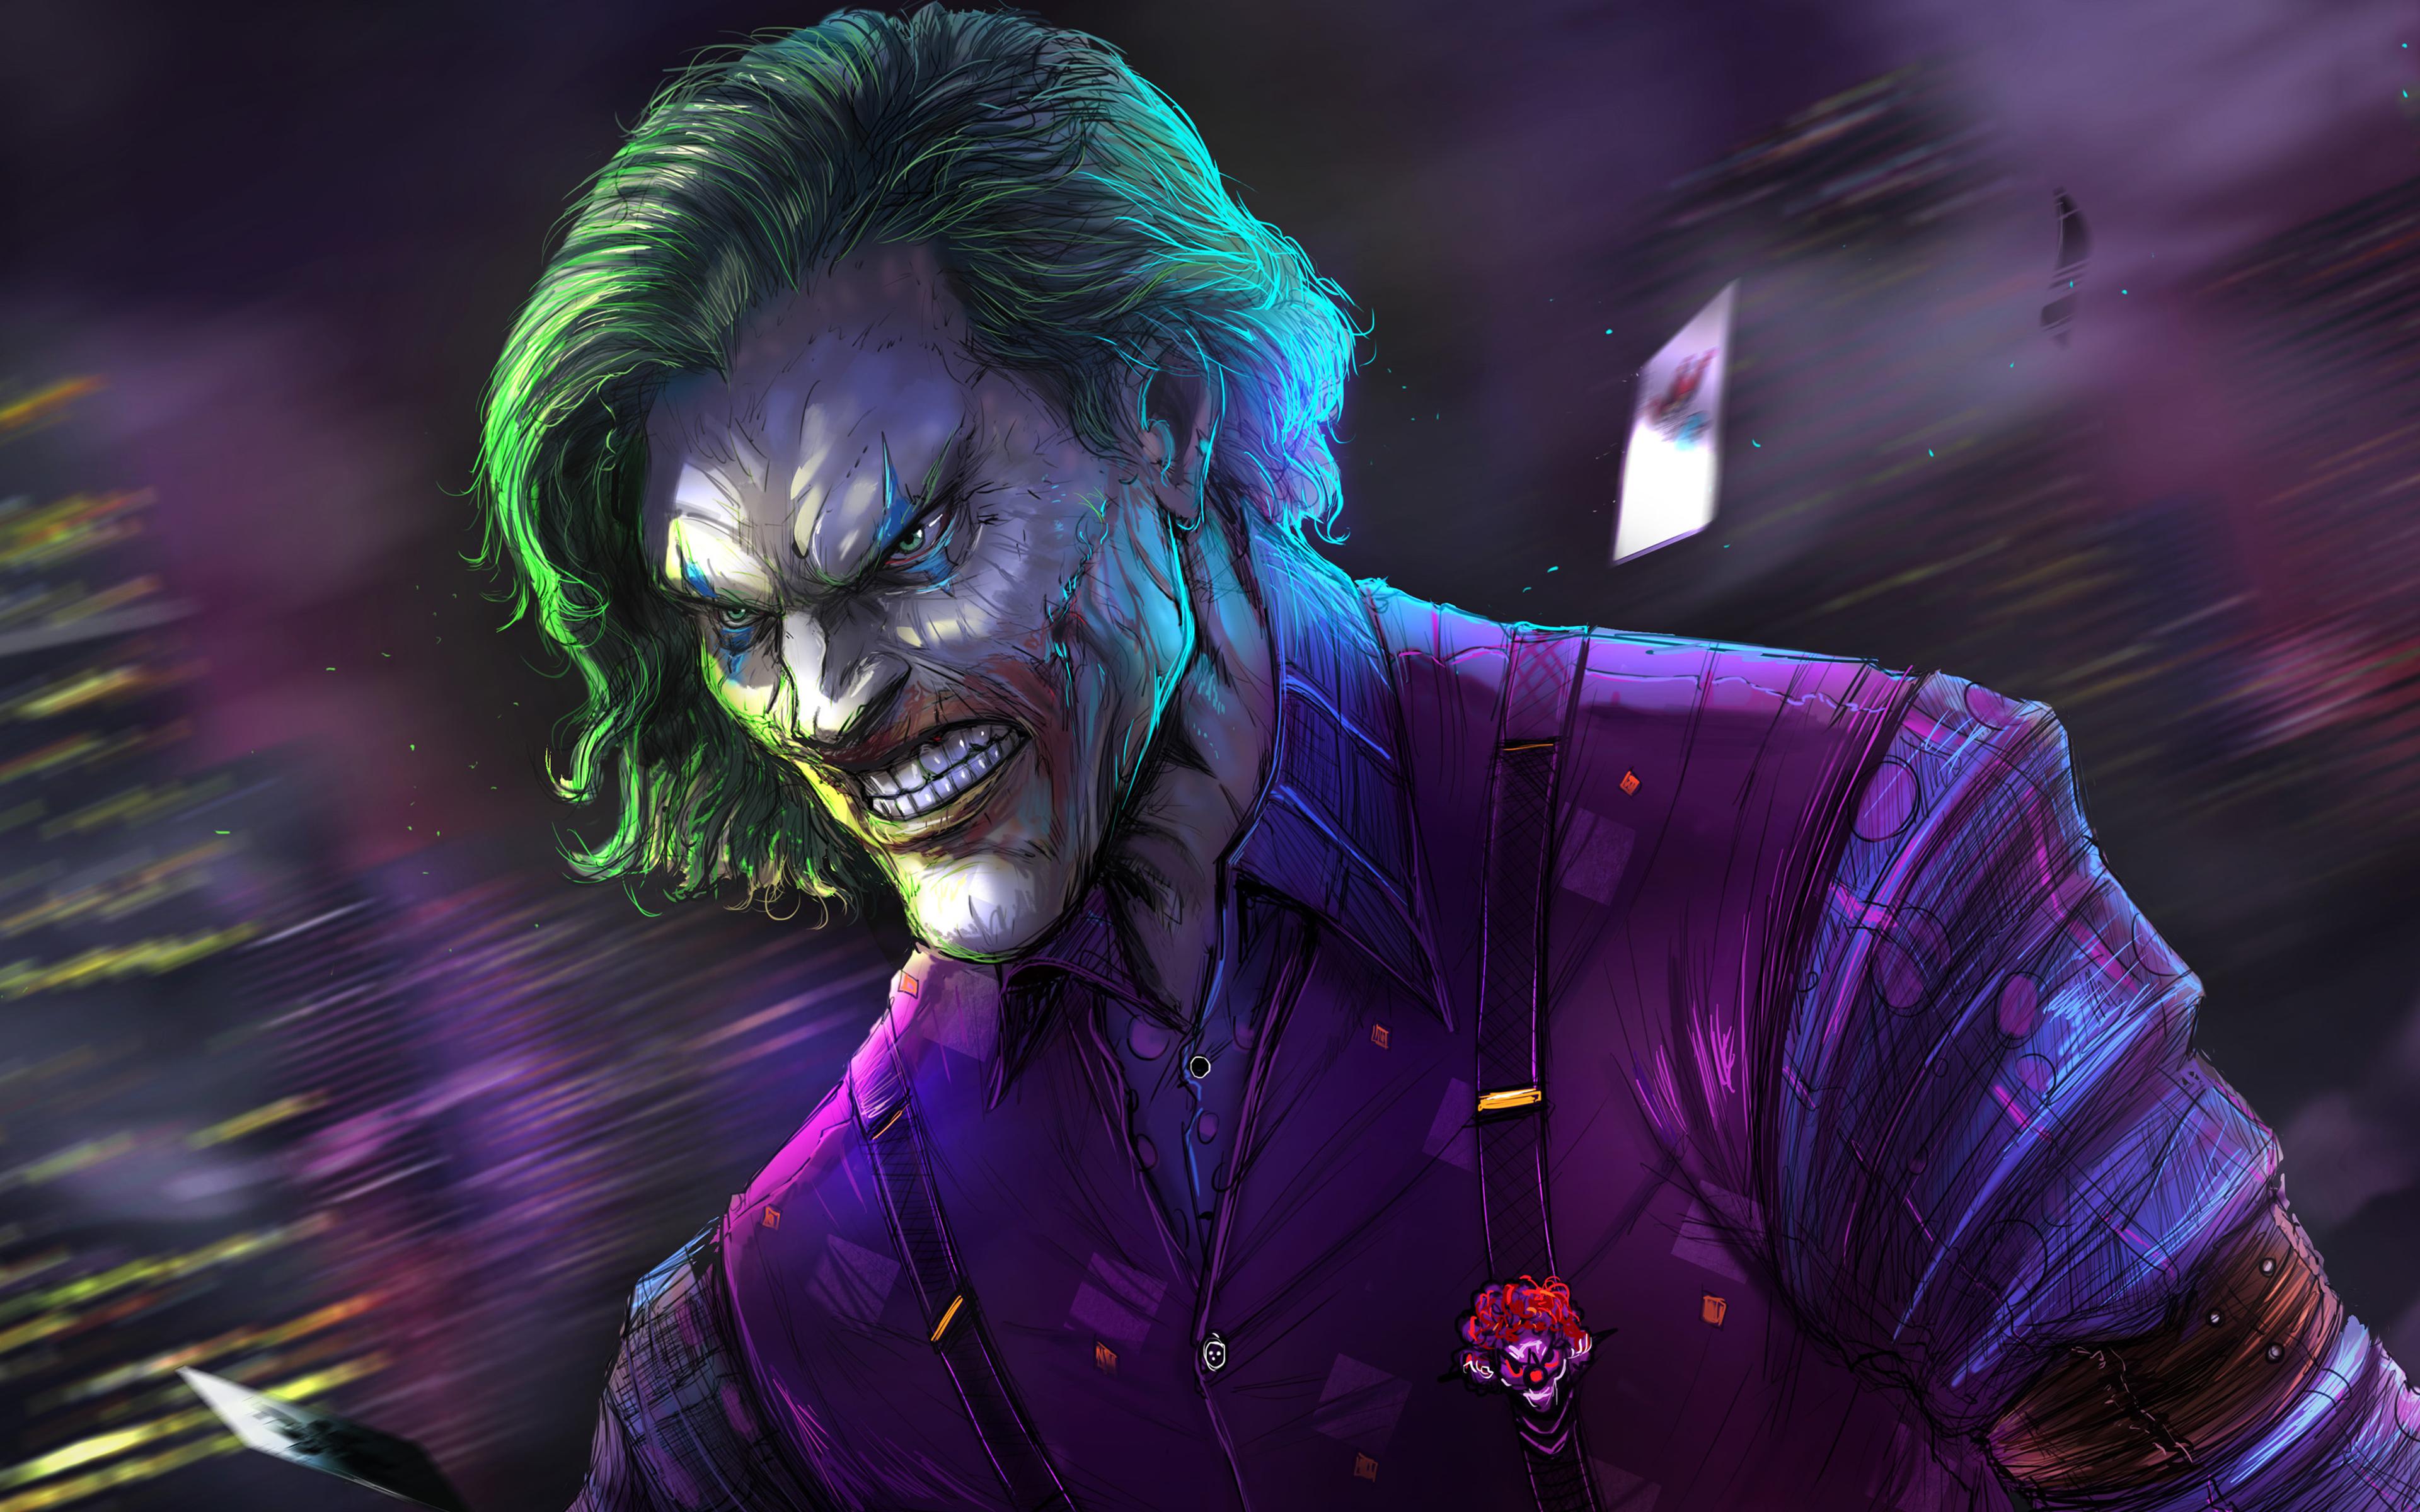 3840x2400 Joker Artwork 4k 2019 4k HD 4k Wallpapers ...